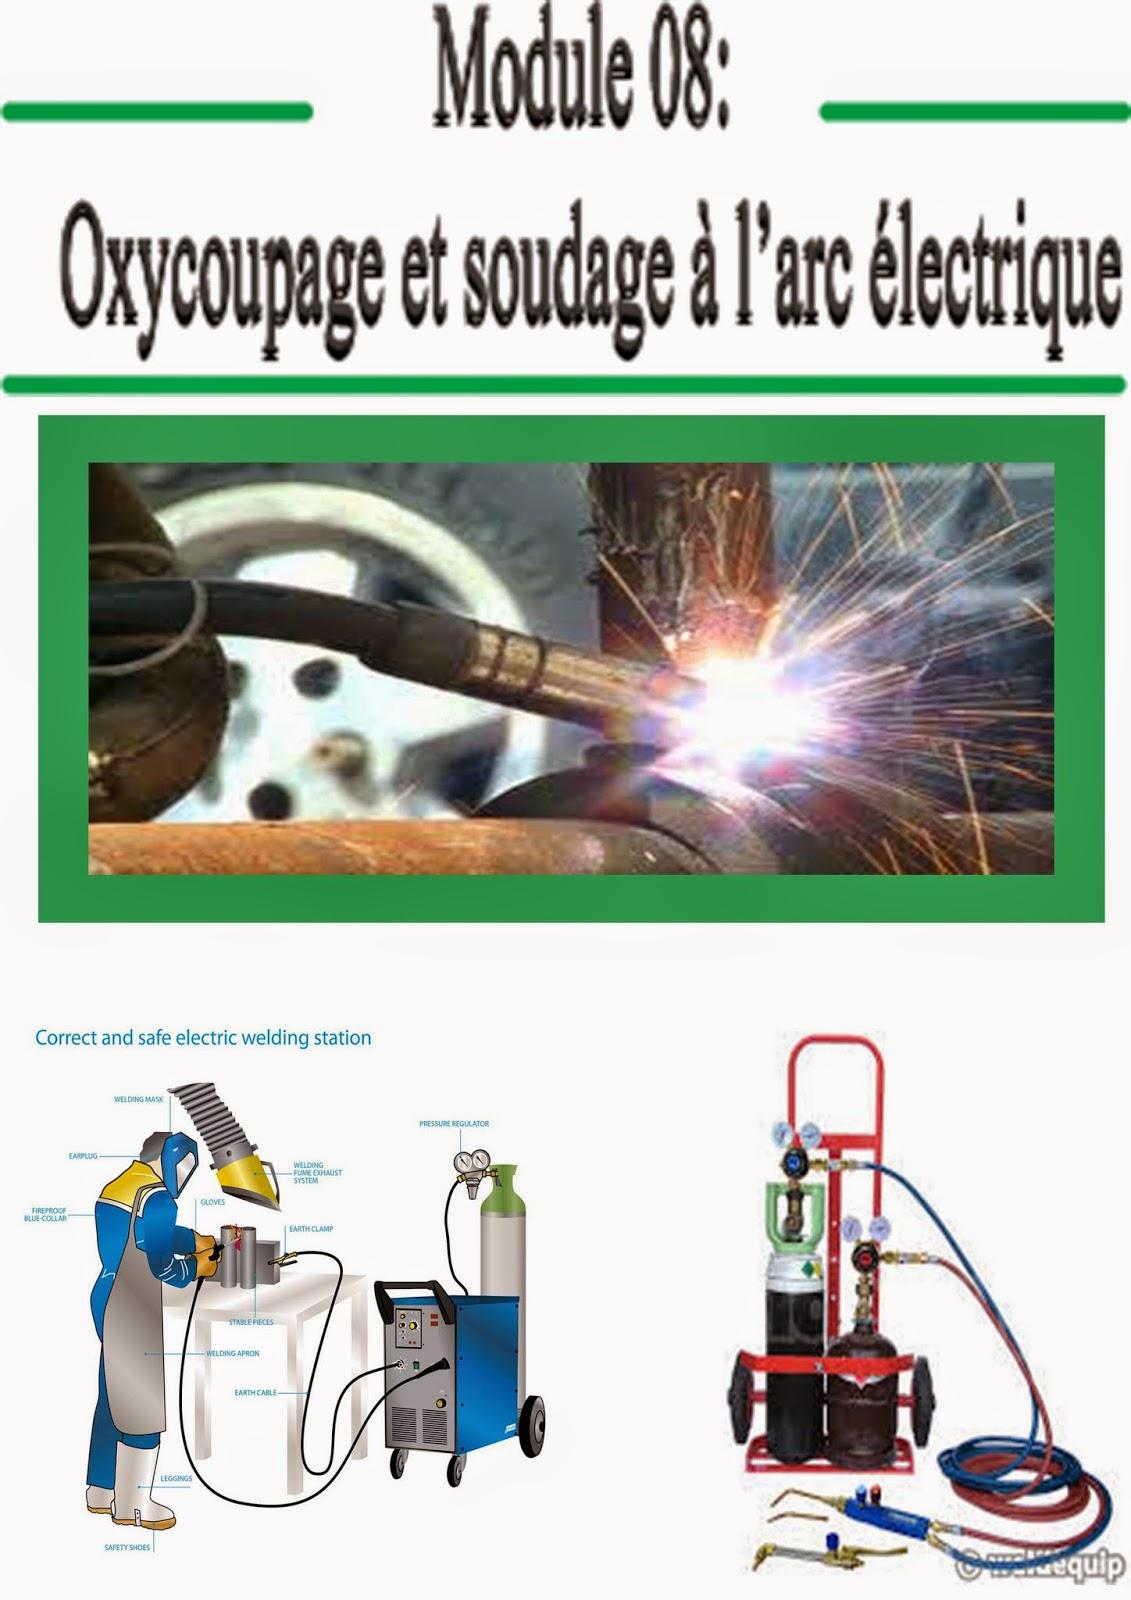 Oxycoupage et soudage à l'arc électrique